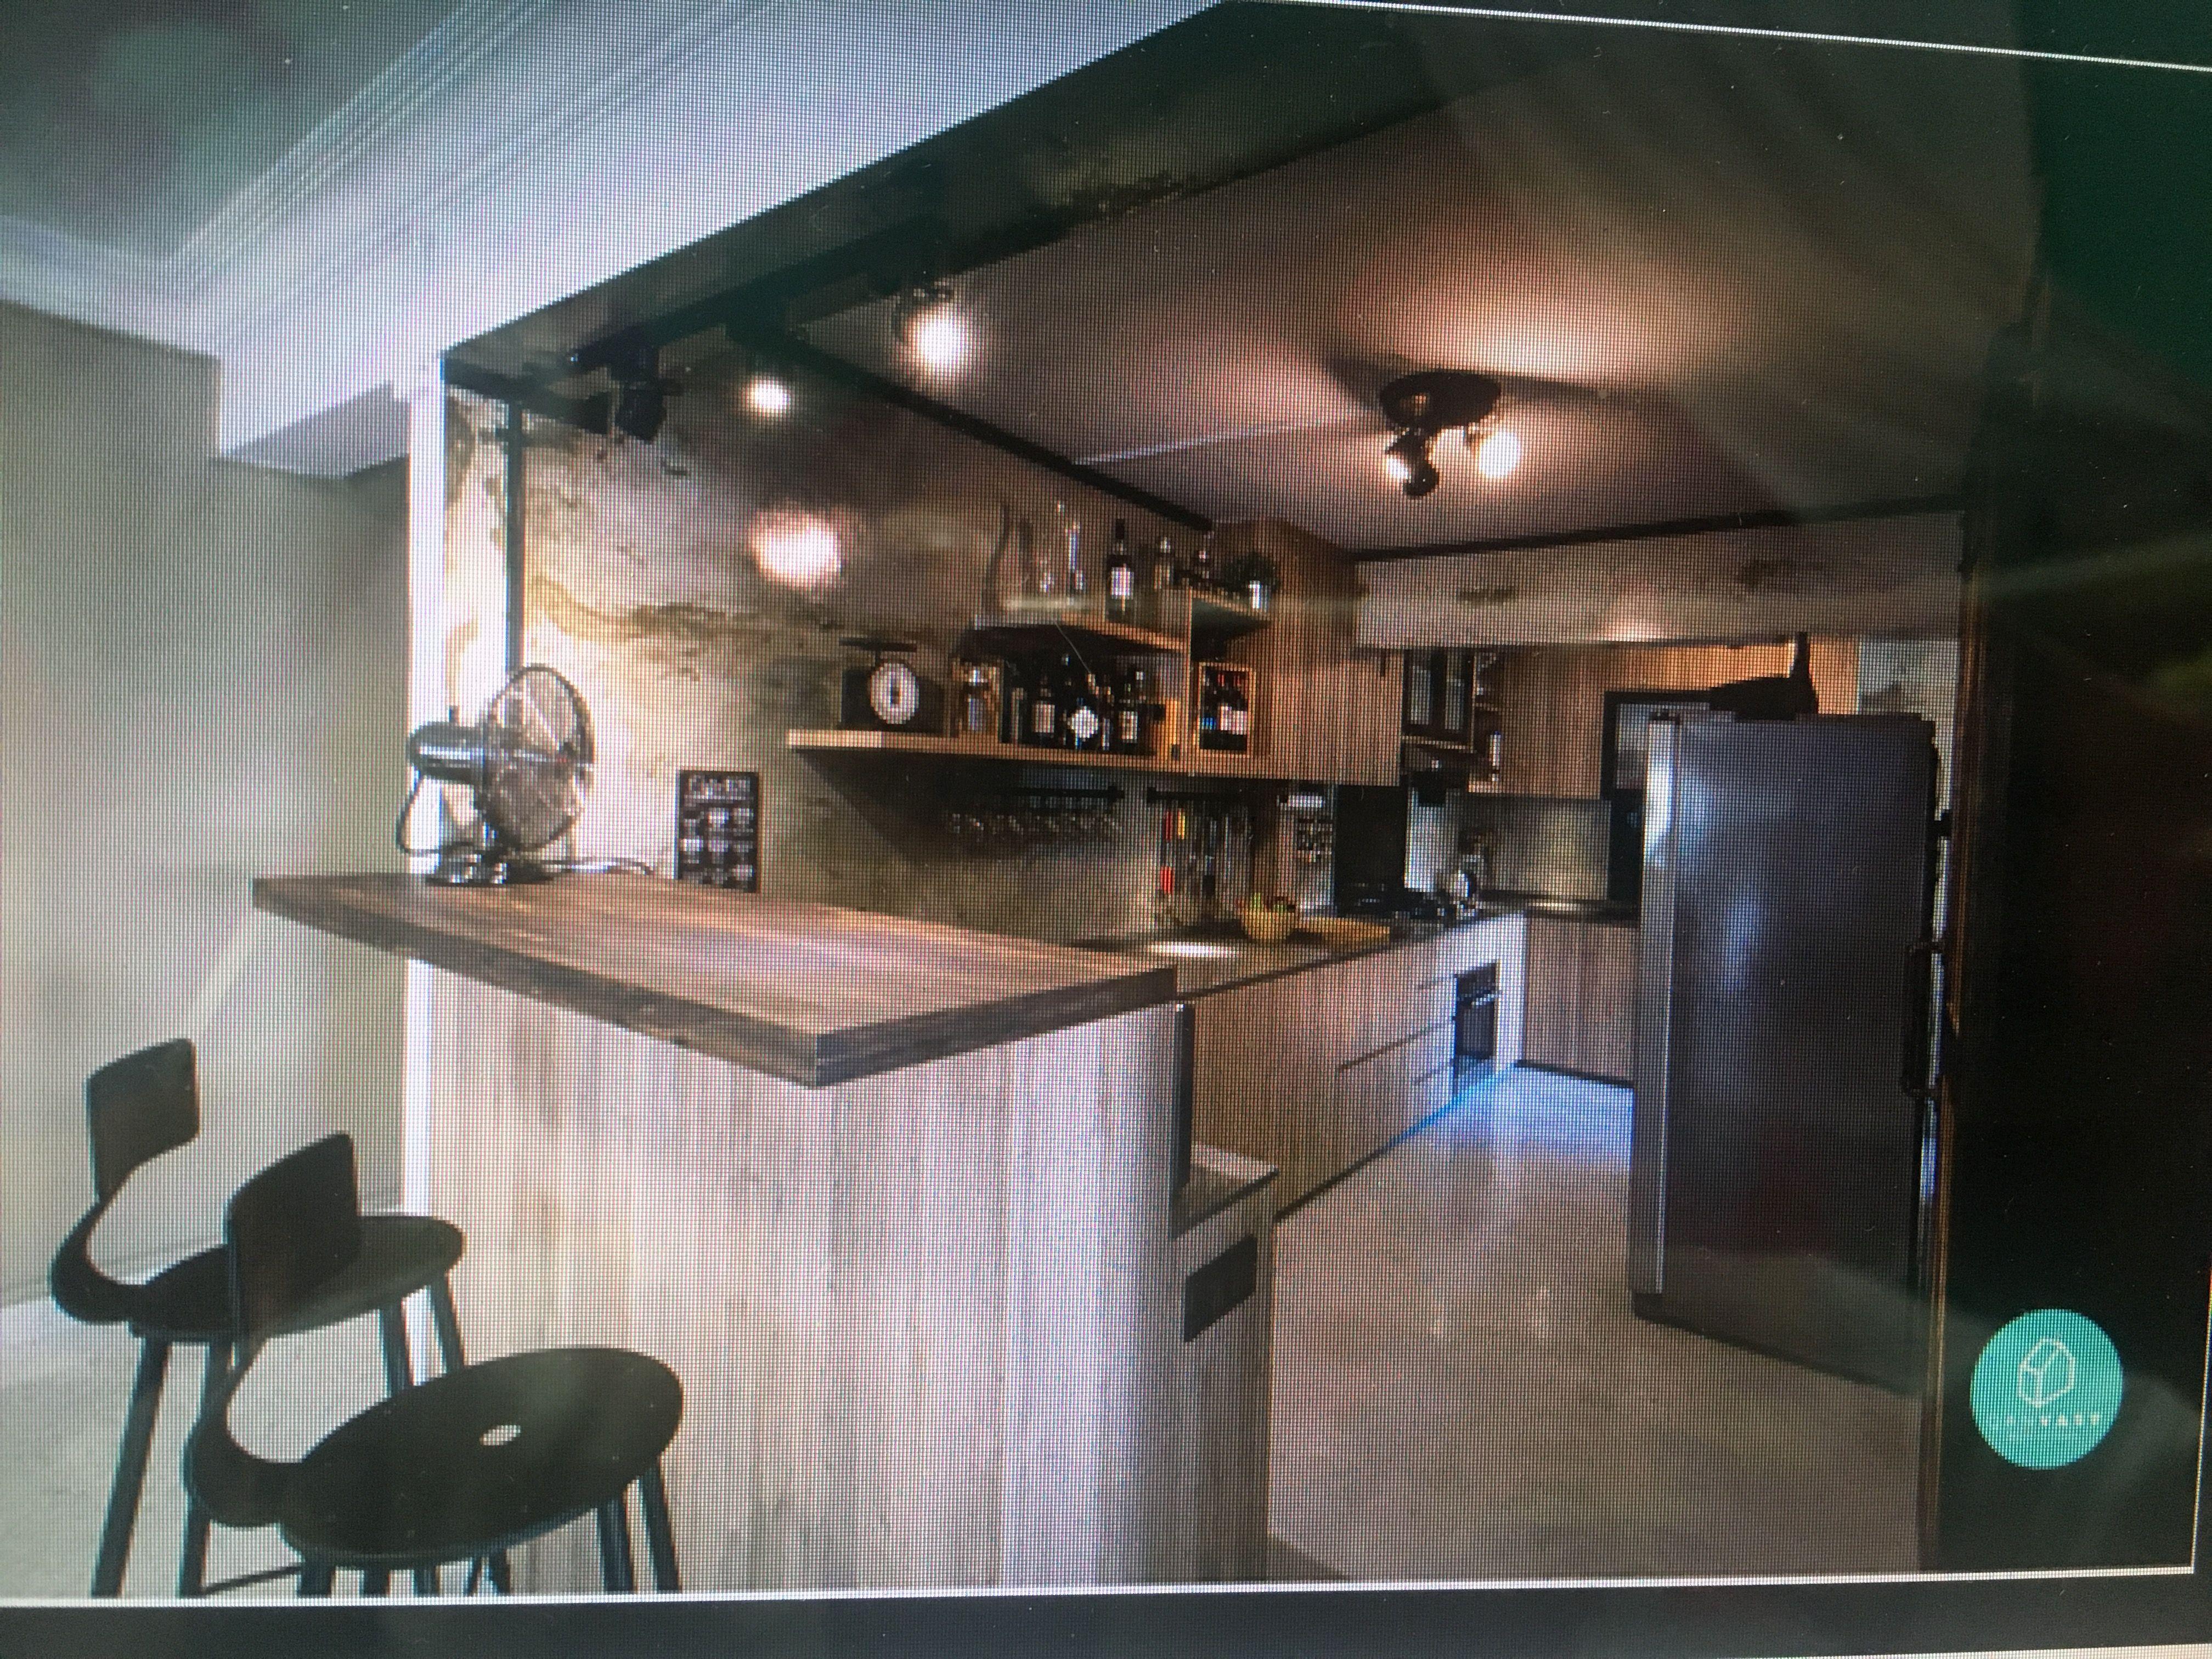 Wunderbar Kleine Offene Konzept Küche Und Esszimmer Fotos - Küchen ...